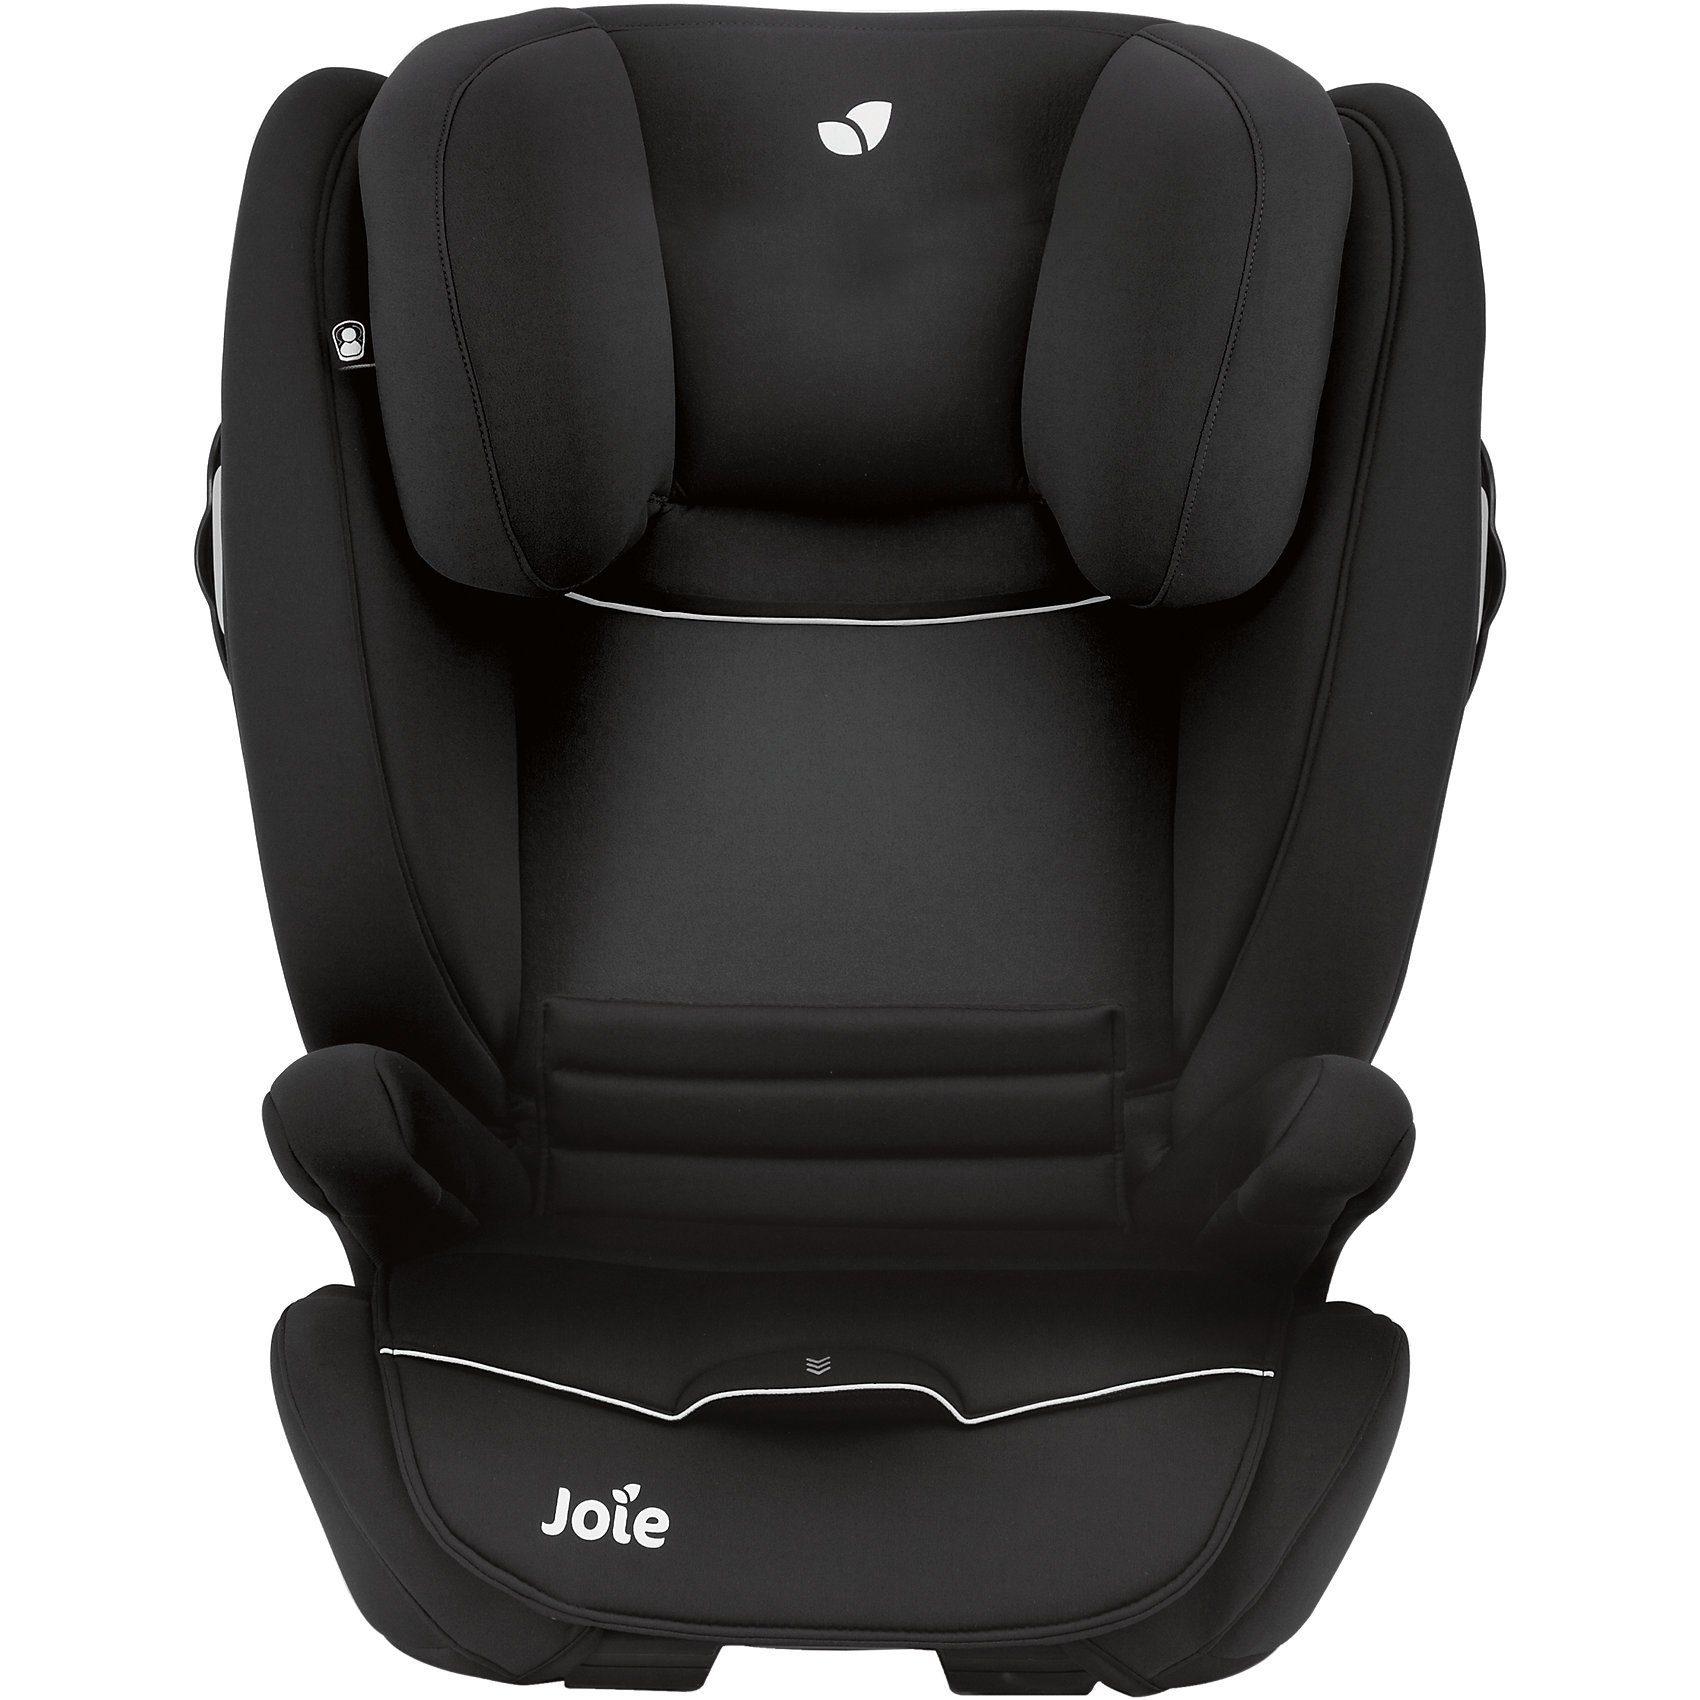 Joie Auto-Kindersitz Duallo, Tuxedo